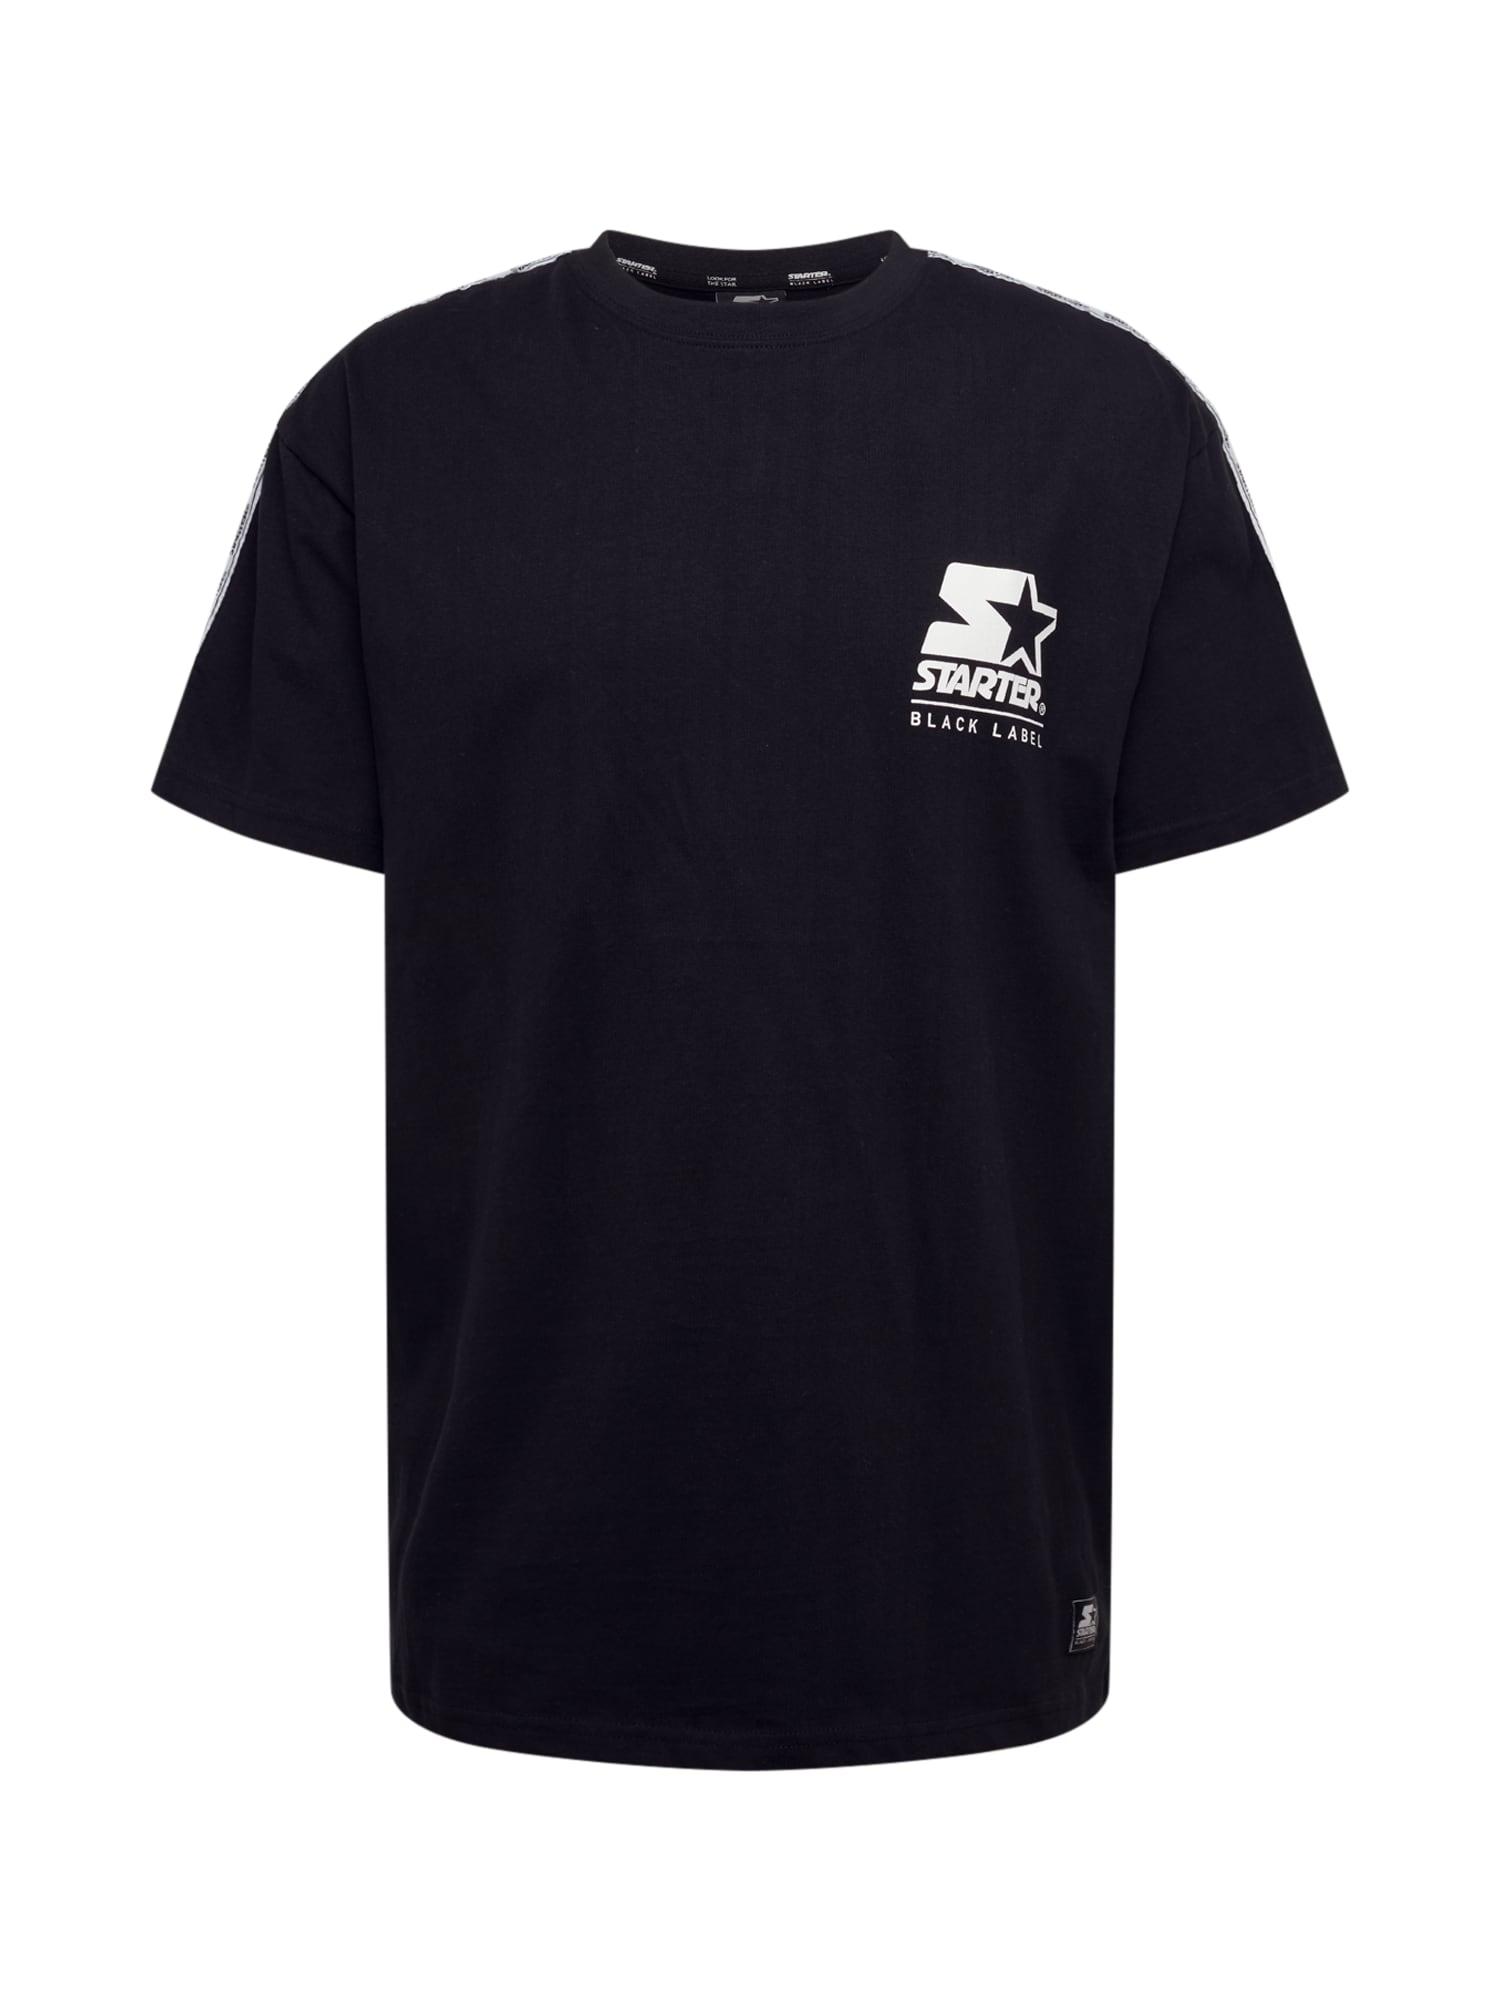 Starter Black Label Marškinėliai juoda / balta